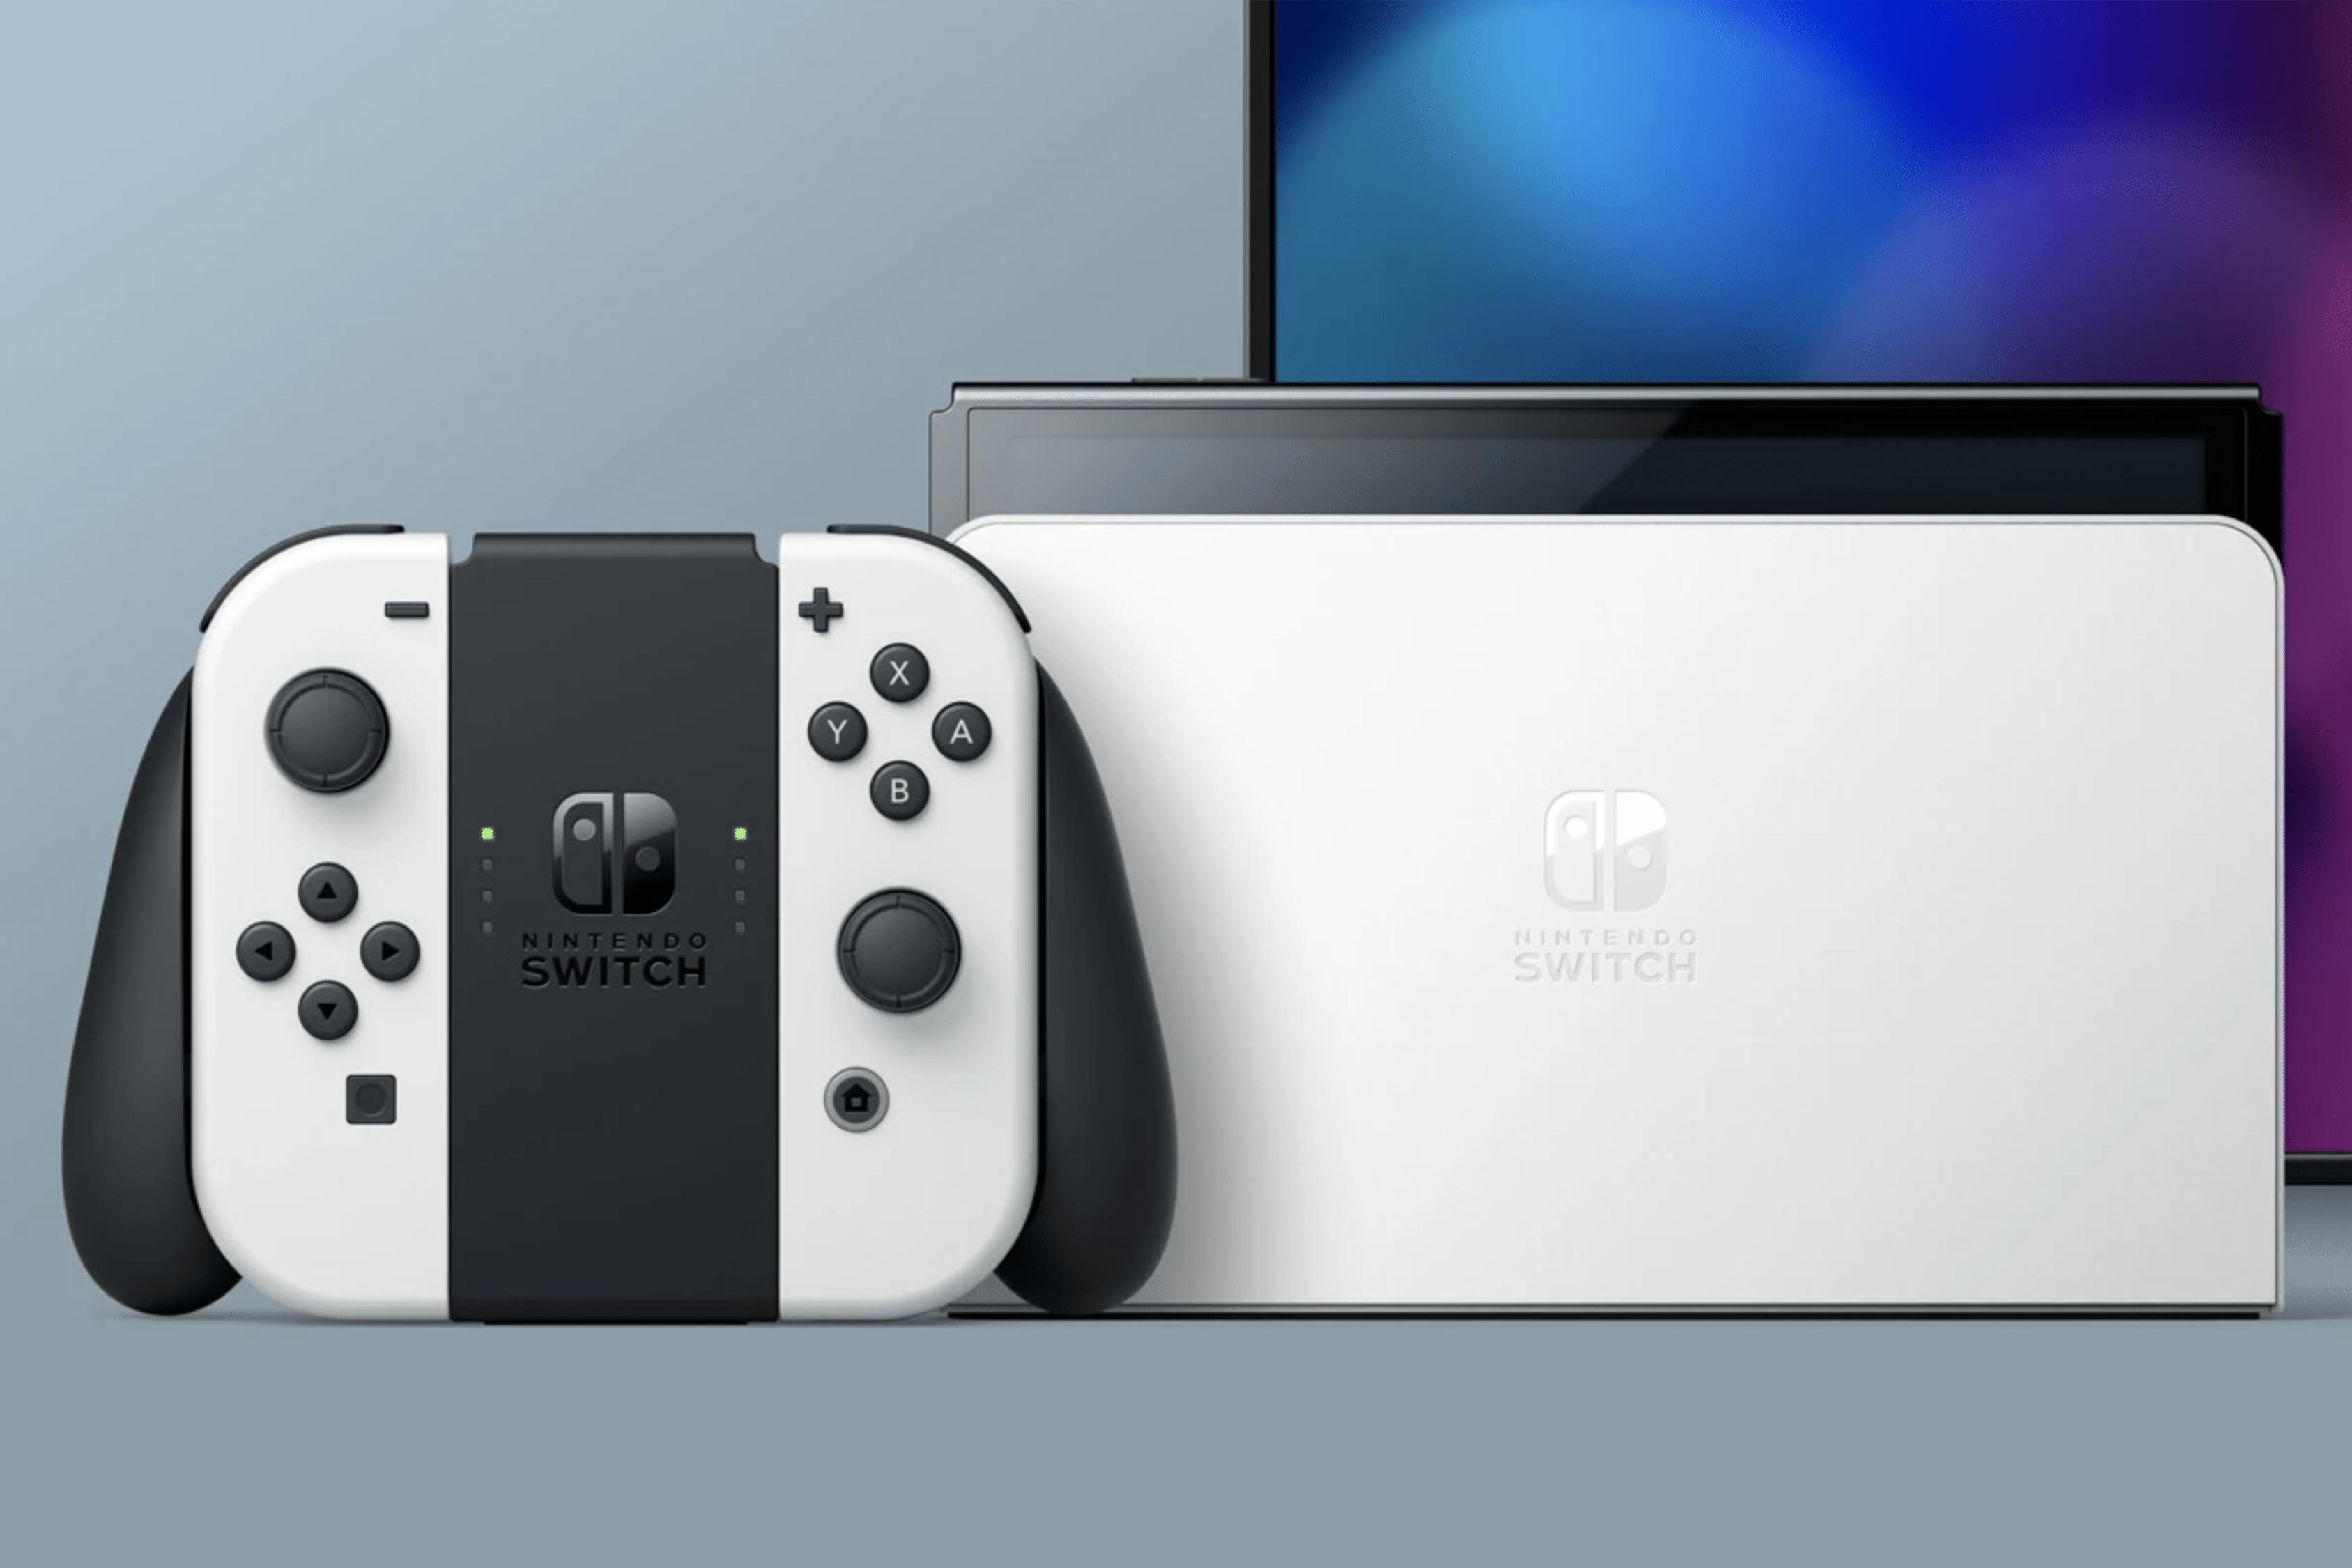 La nova versió de la Nintendo Switch (model OLED). / Nintendo